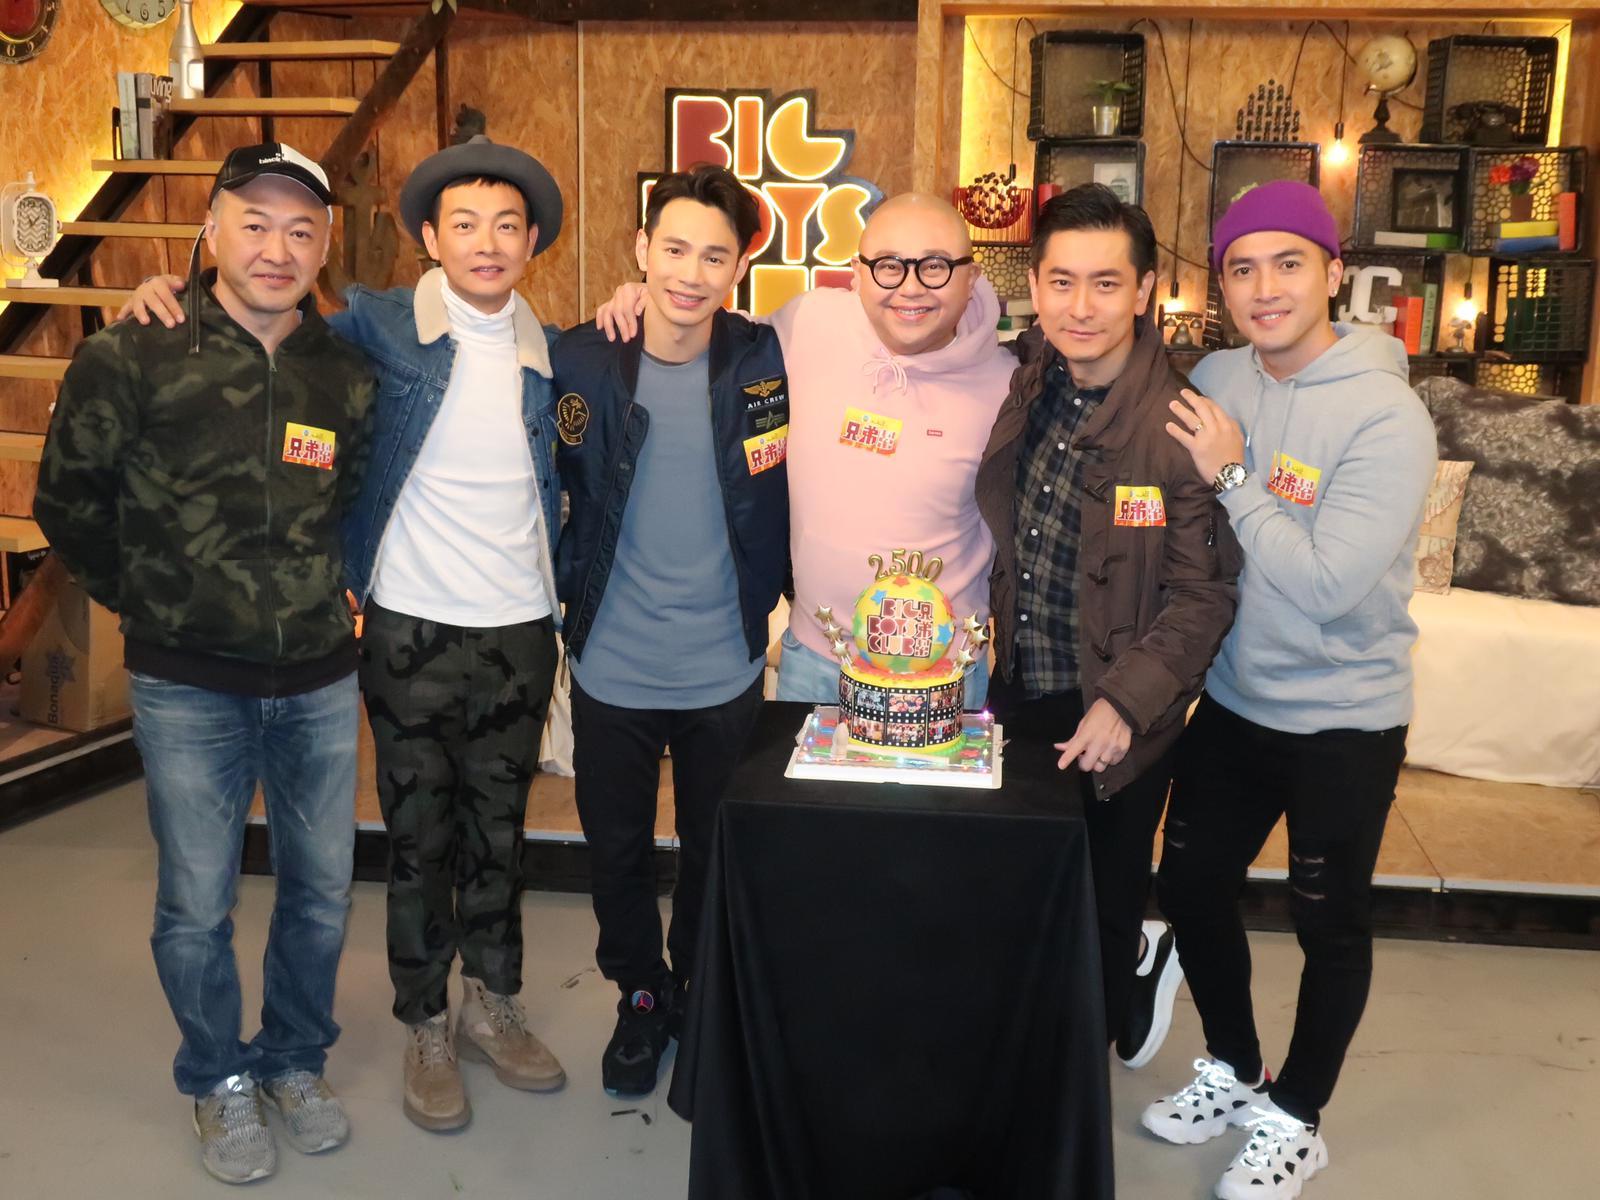 Bob與陳國峰、范振鋒、王梓軒、梁競徽為《兄弟幫》錄後一集。